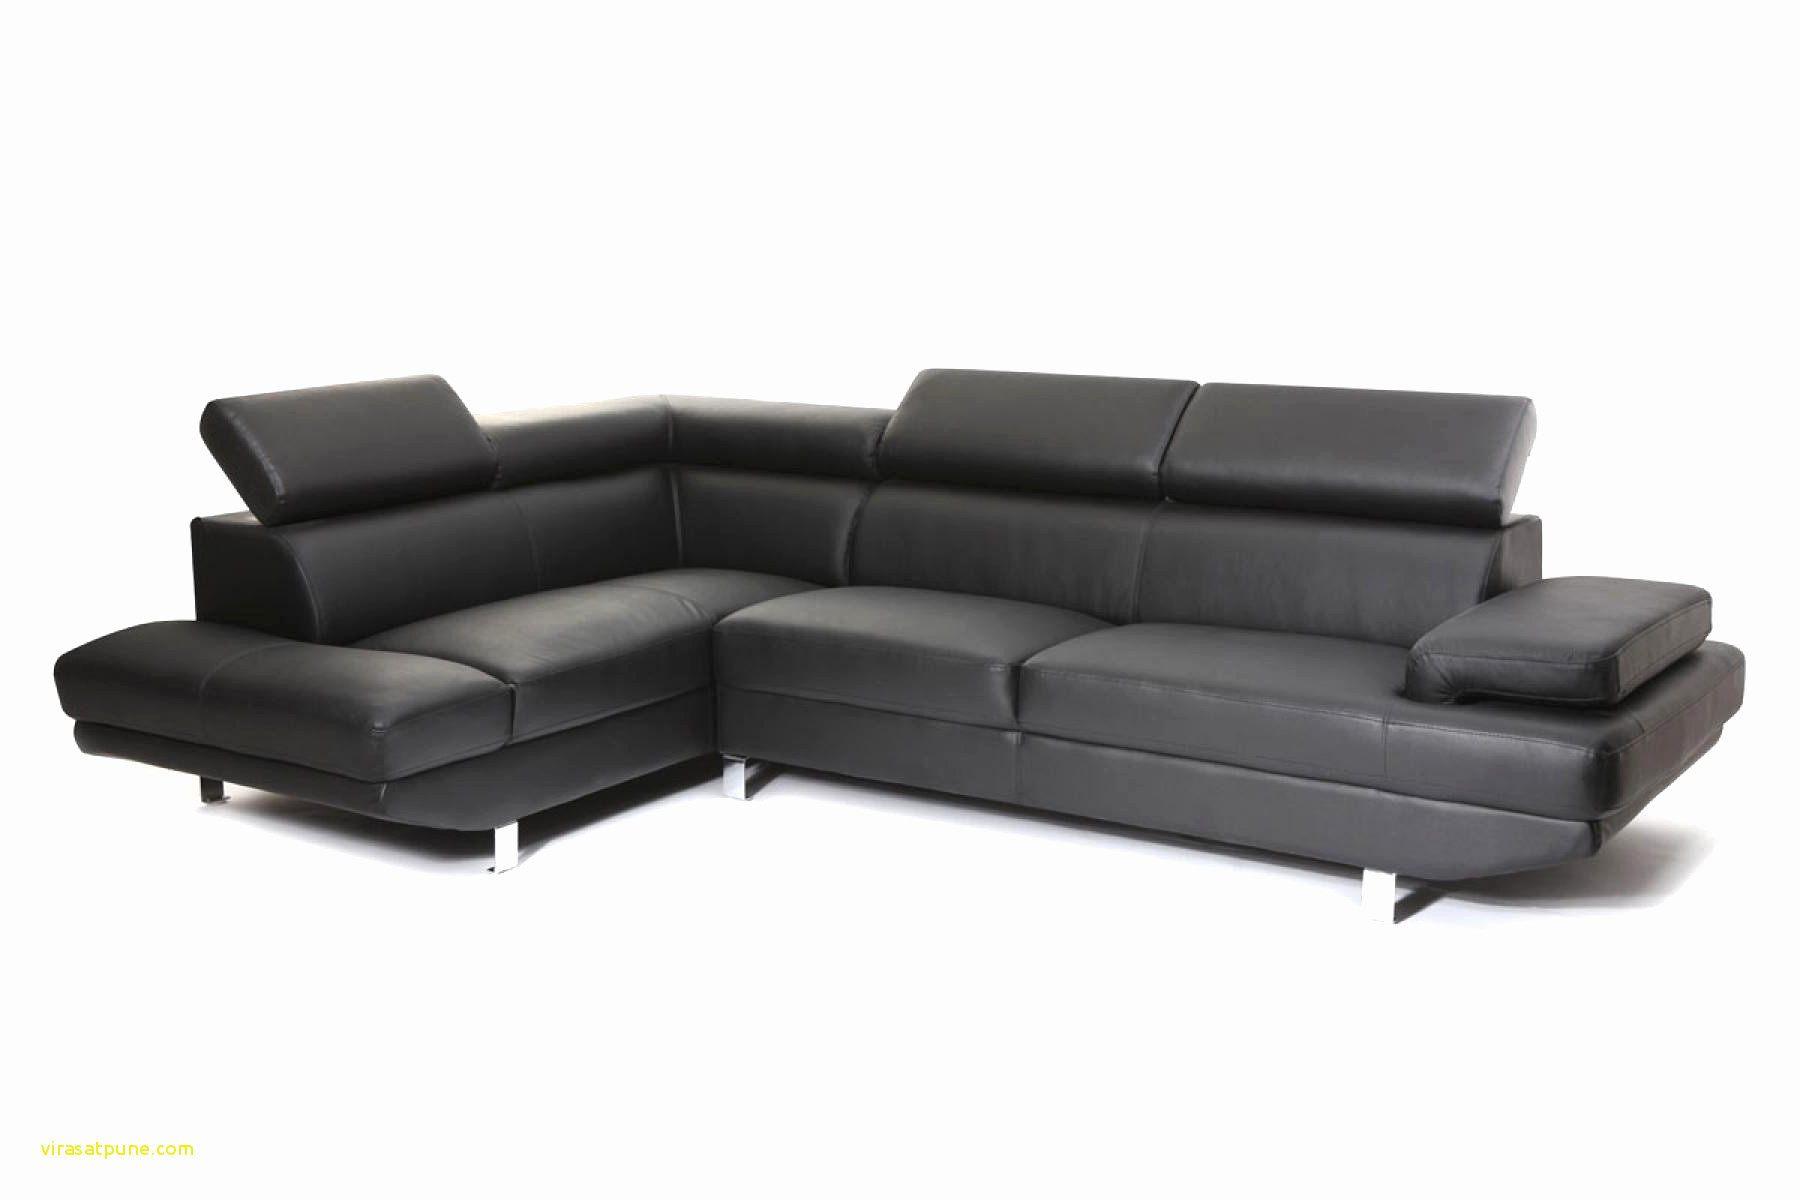 Canapé Lit Avec Vrai Matelas Belle 30 Luxe Canapé Convertible Vrai Matelas Suggestions